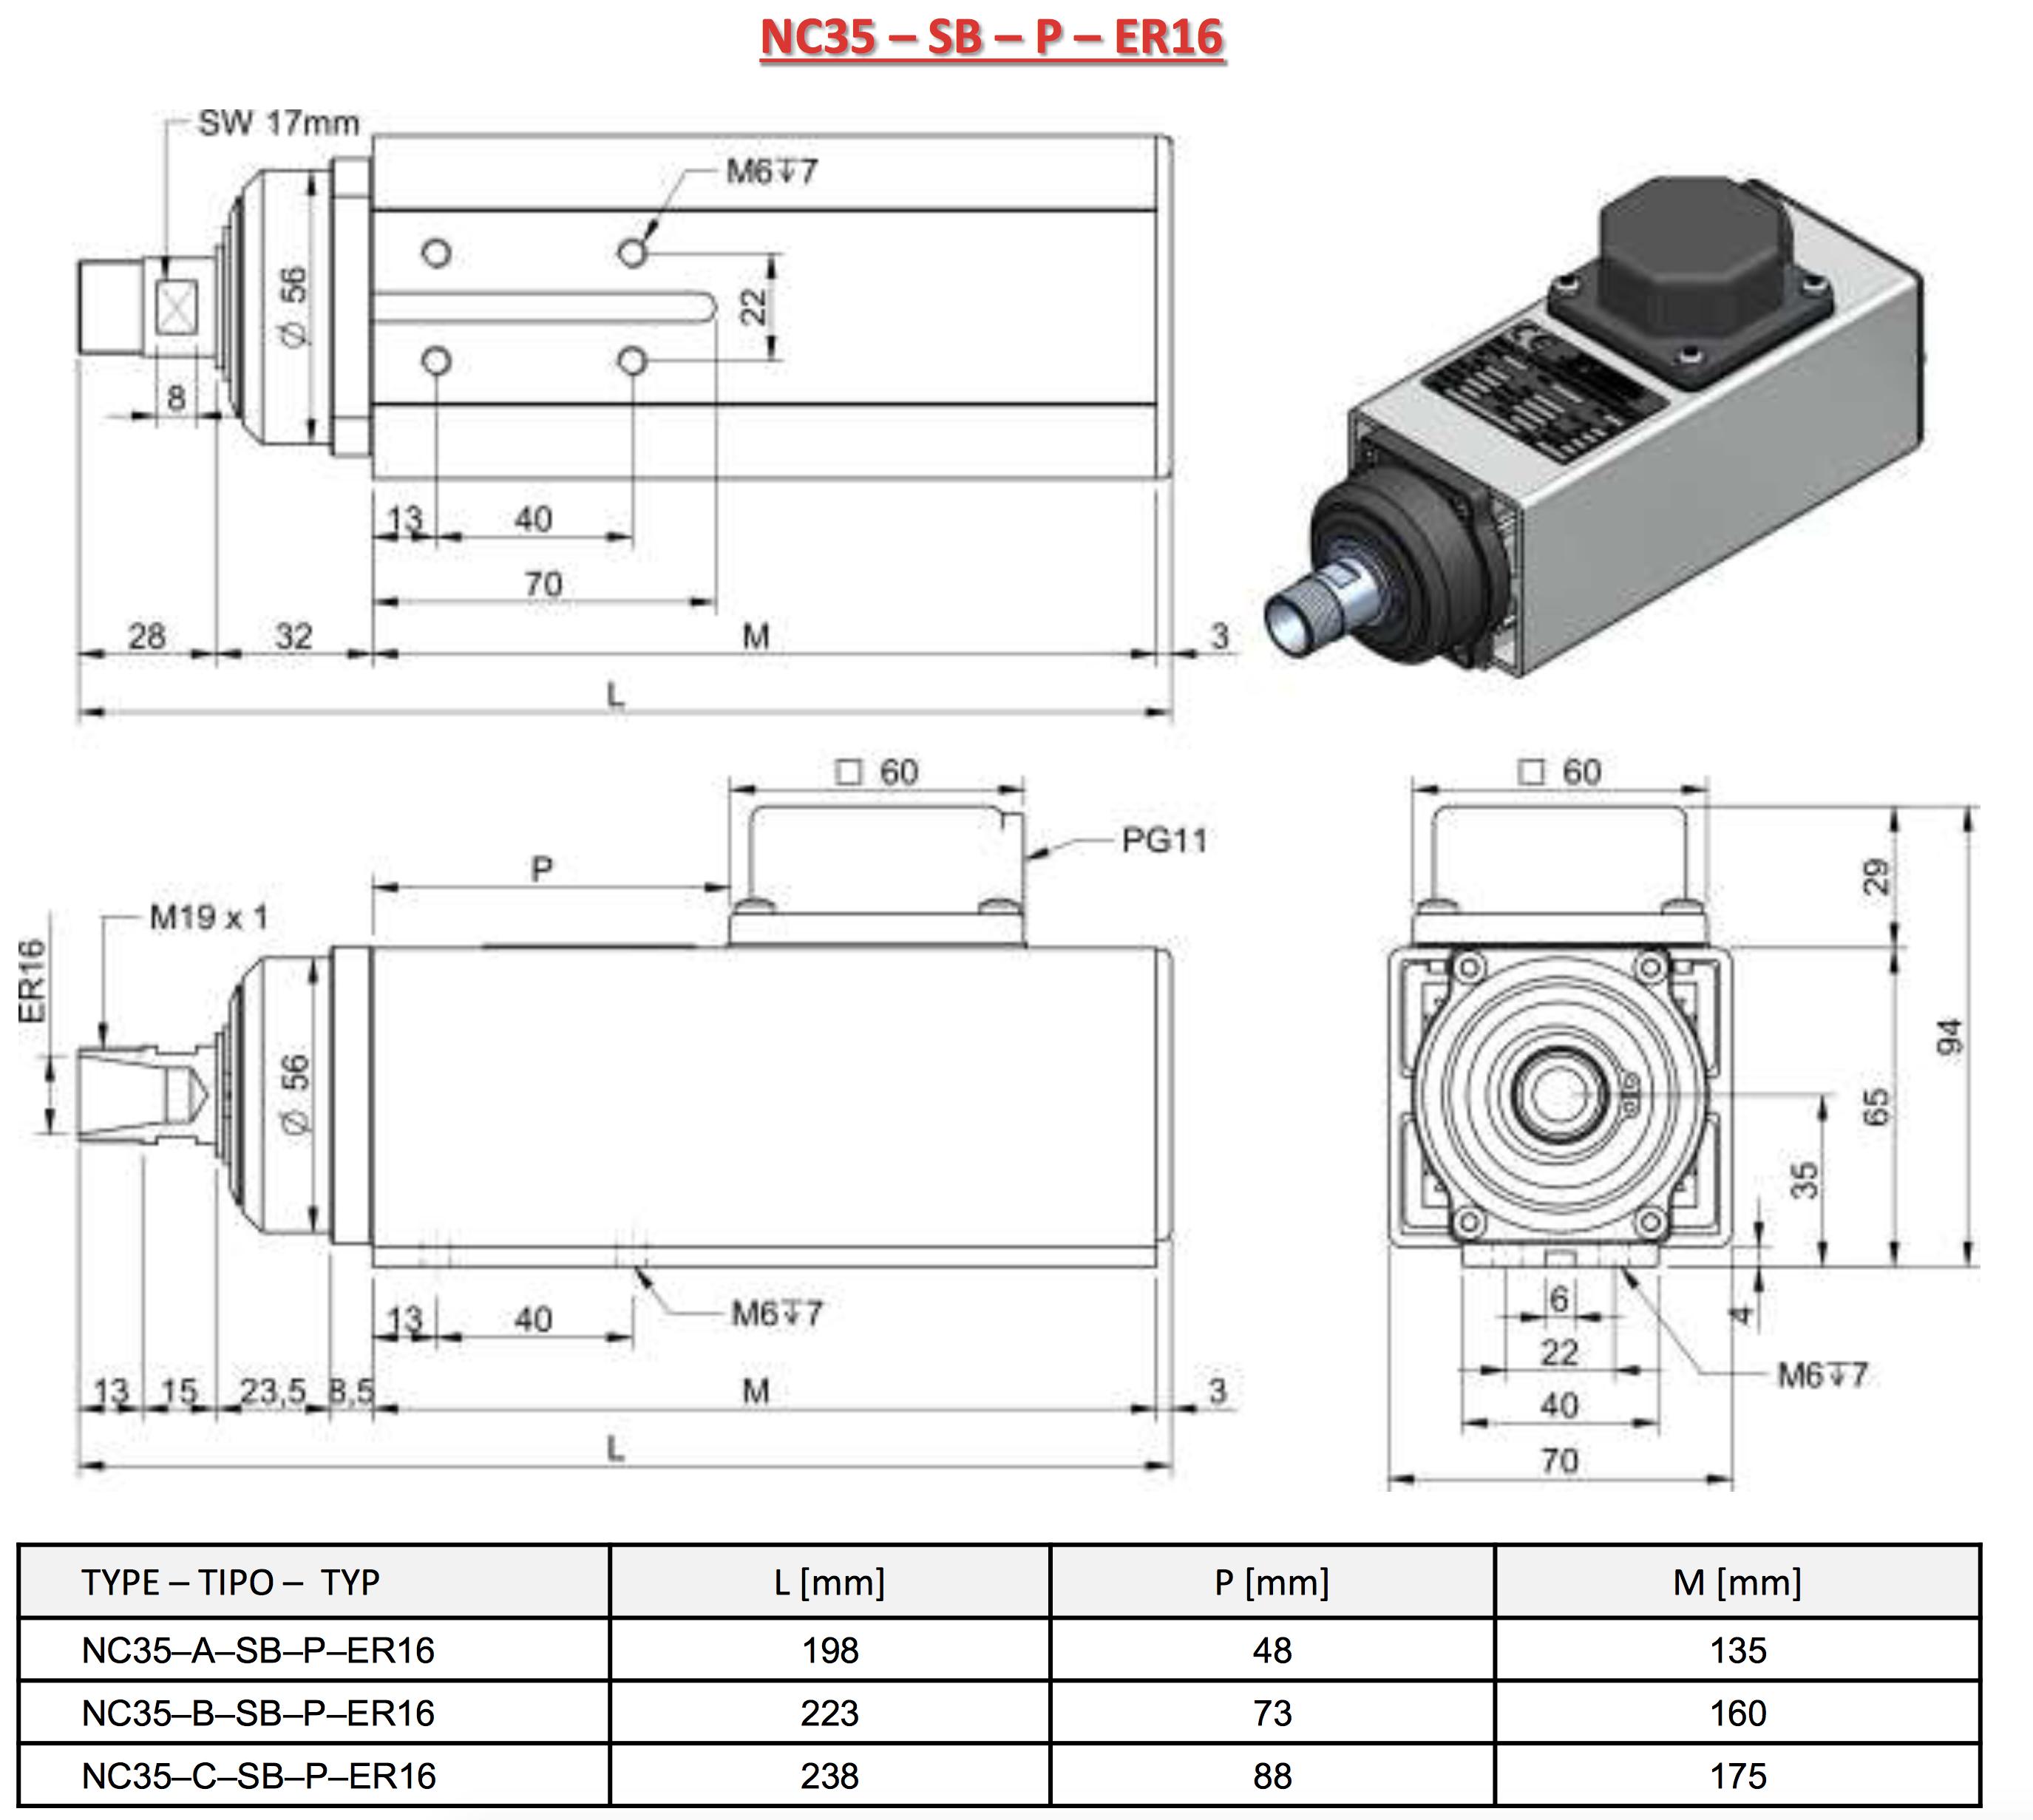 Sorotec - Teknomotor HF-Motor 0.33 KW on